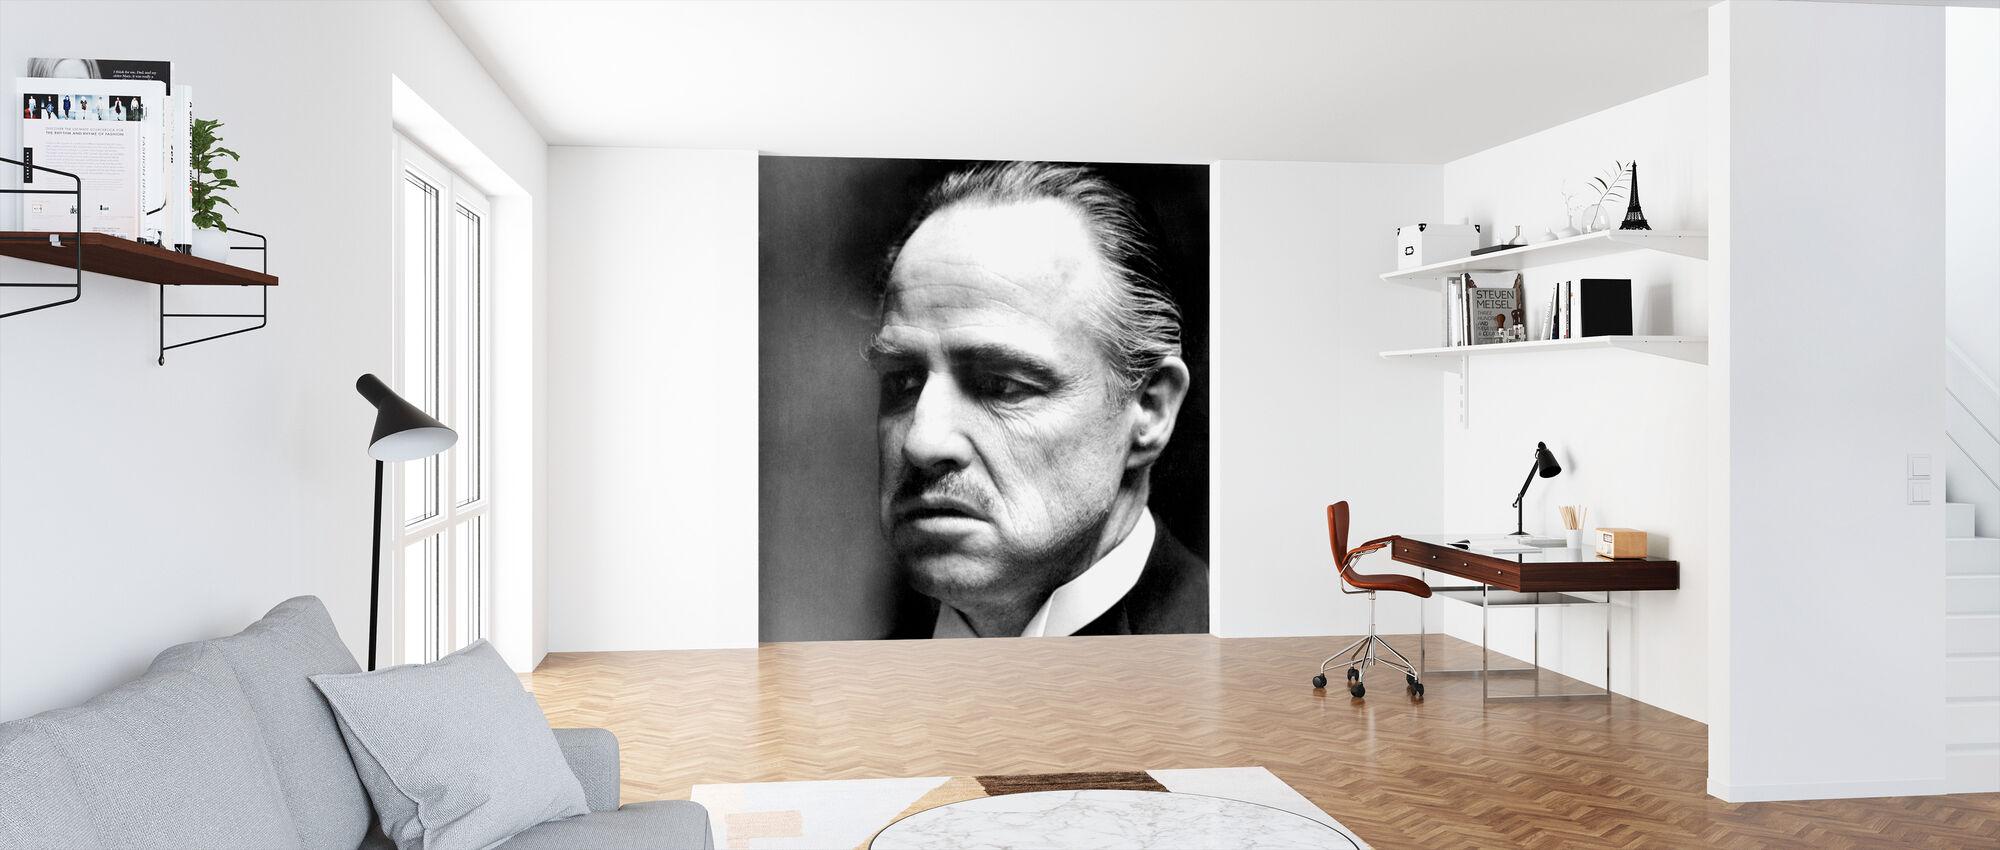 Ojciec Chrzestny - Don Vito Corleone - Tapeta - Biuro